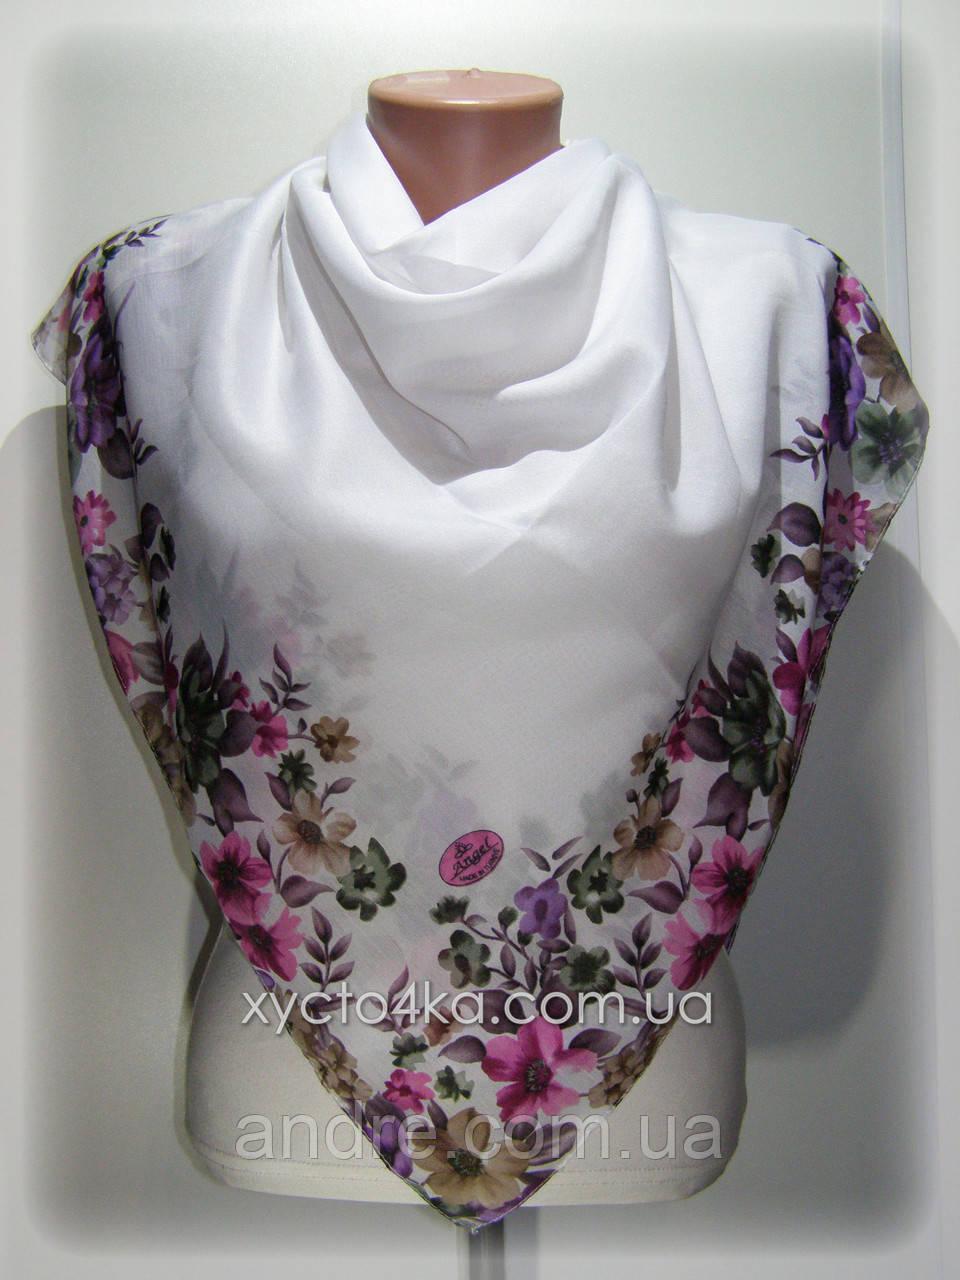 Лёгкие натуральные платки Биатрис, пудровый